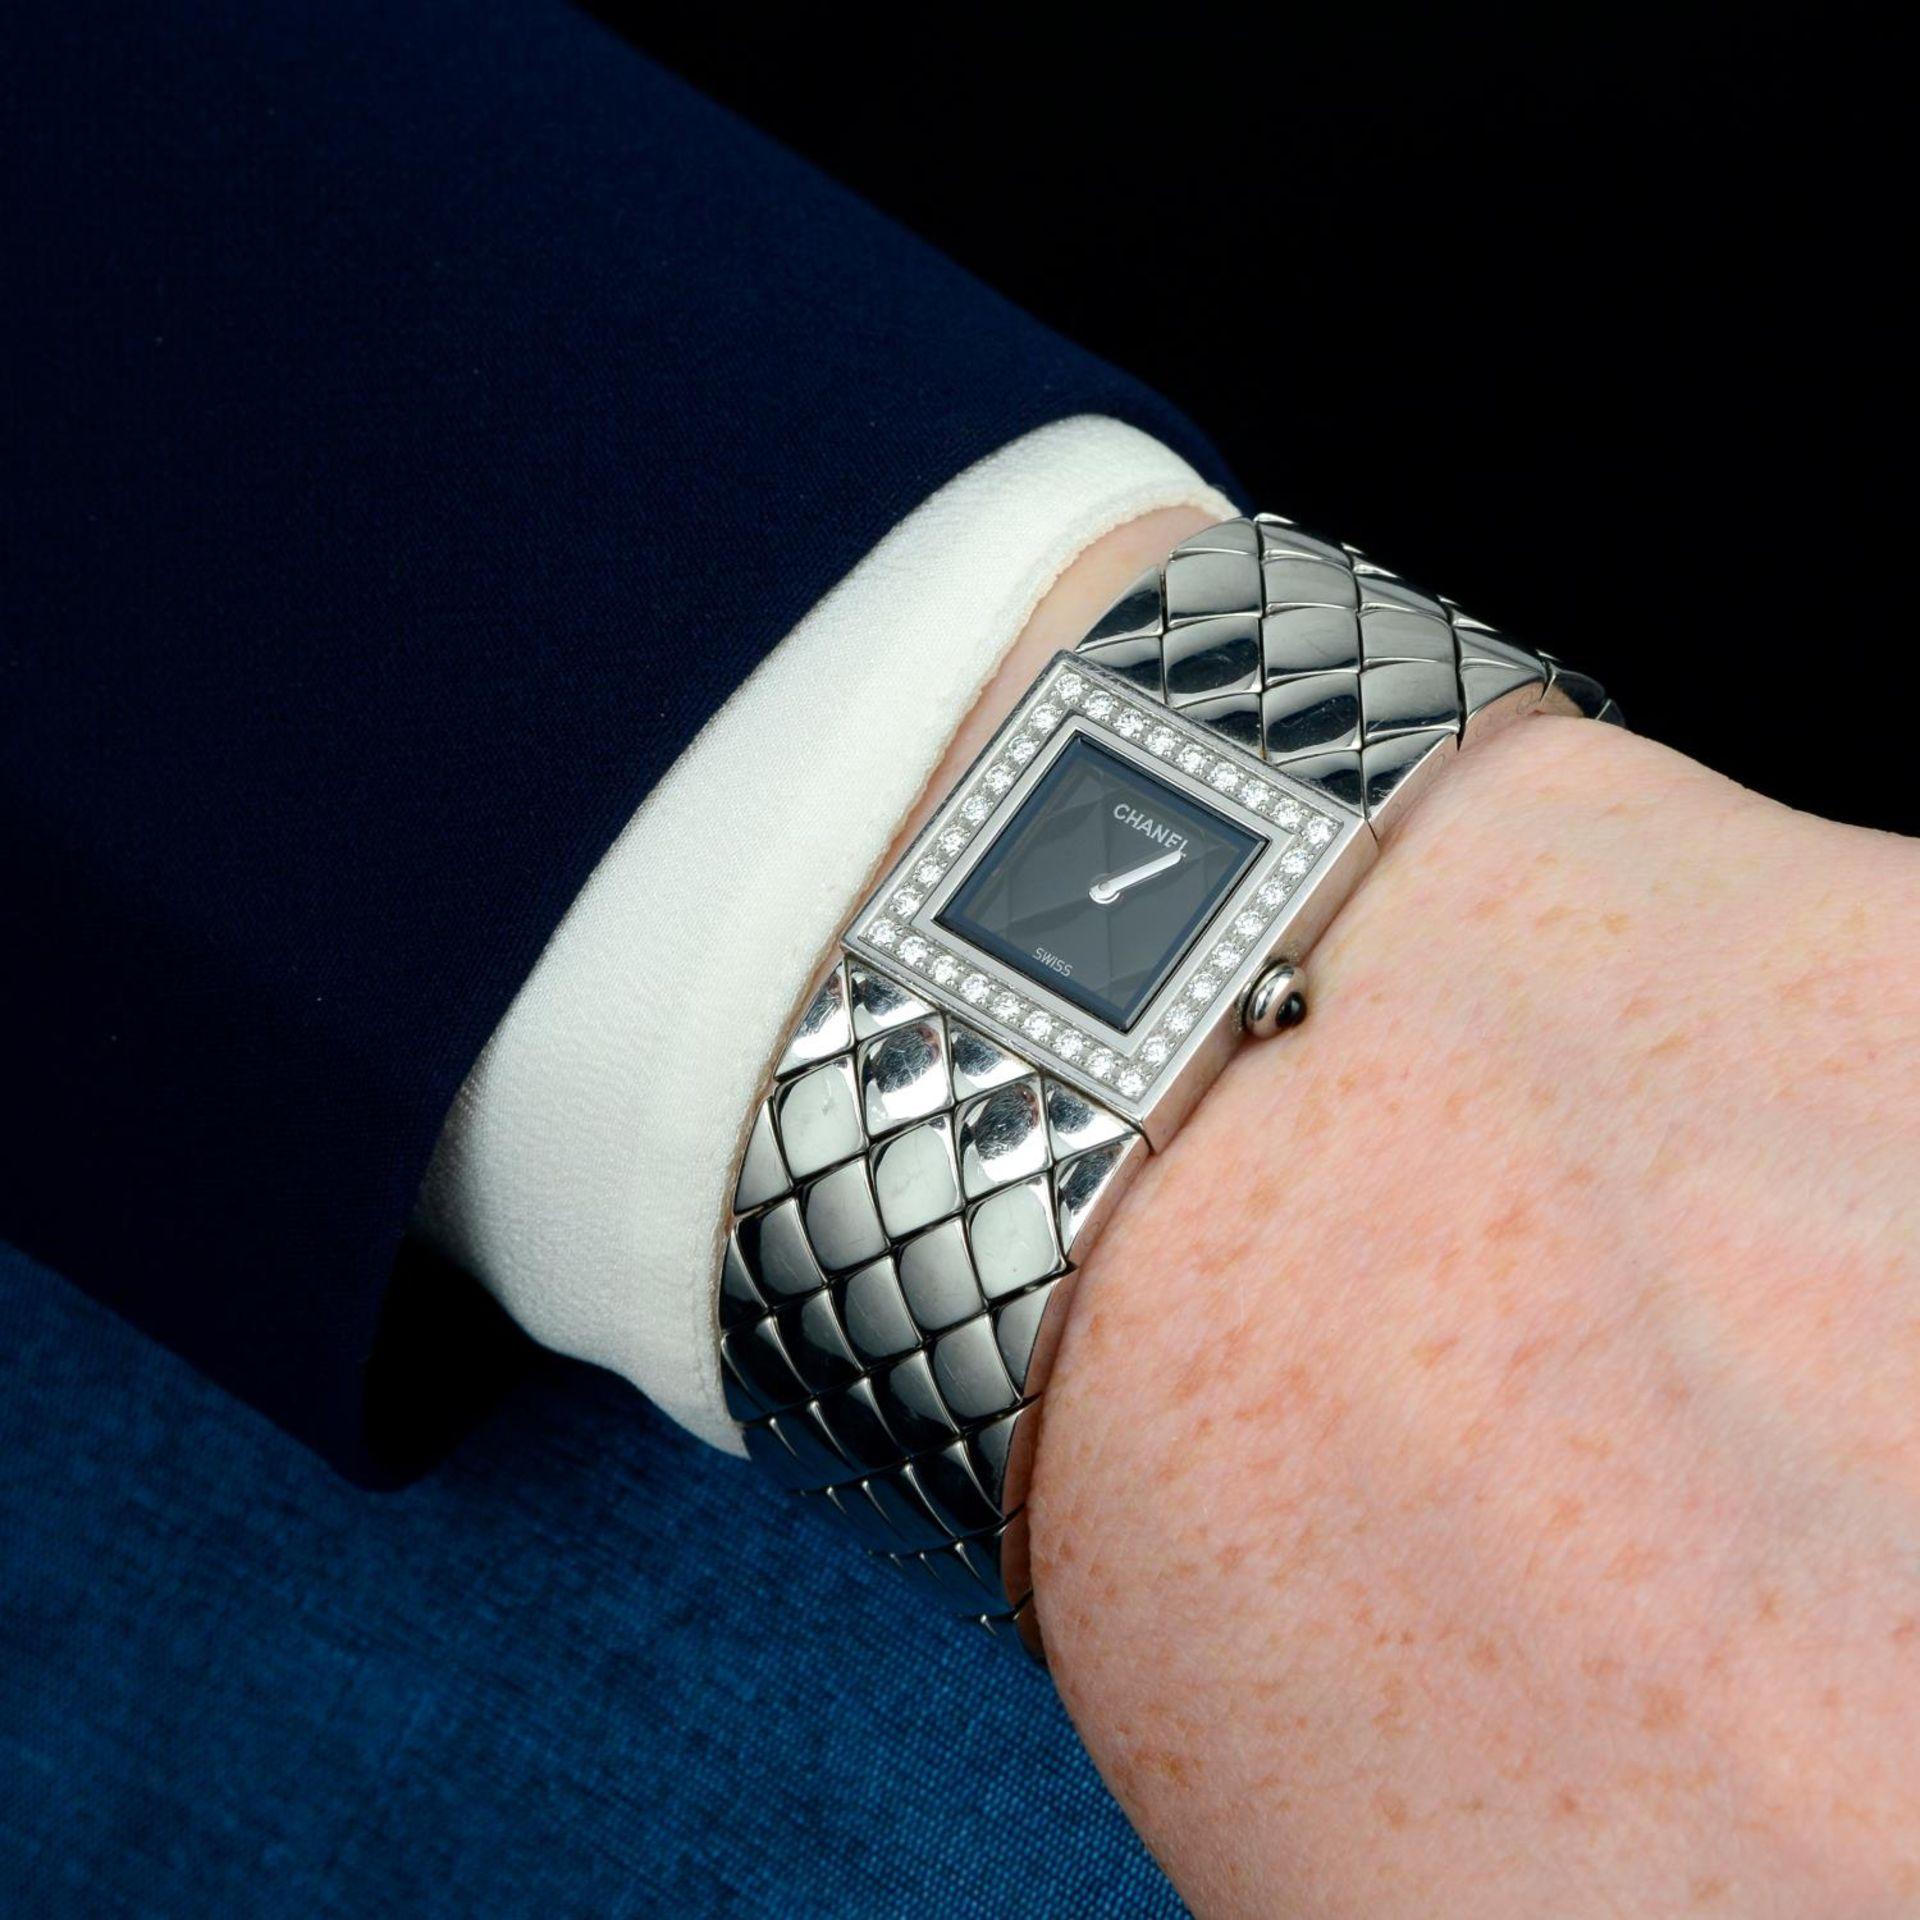 CHANEL - an Acier Etanche bracelet watch. - Bild 3 aus 5